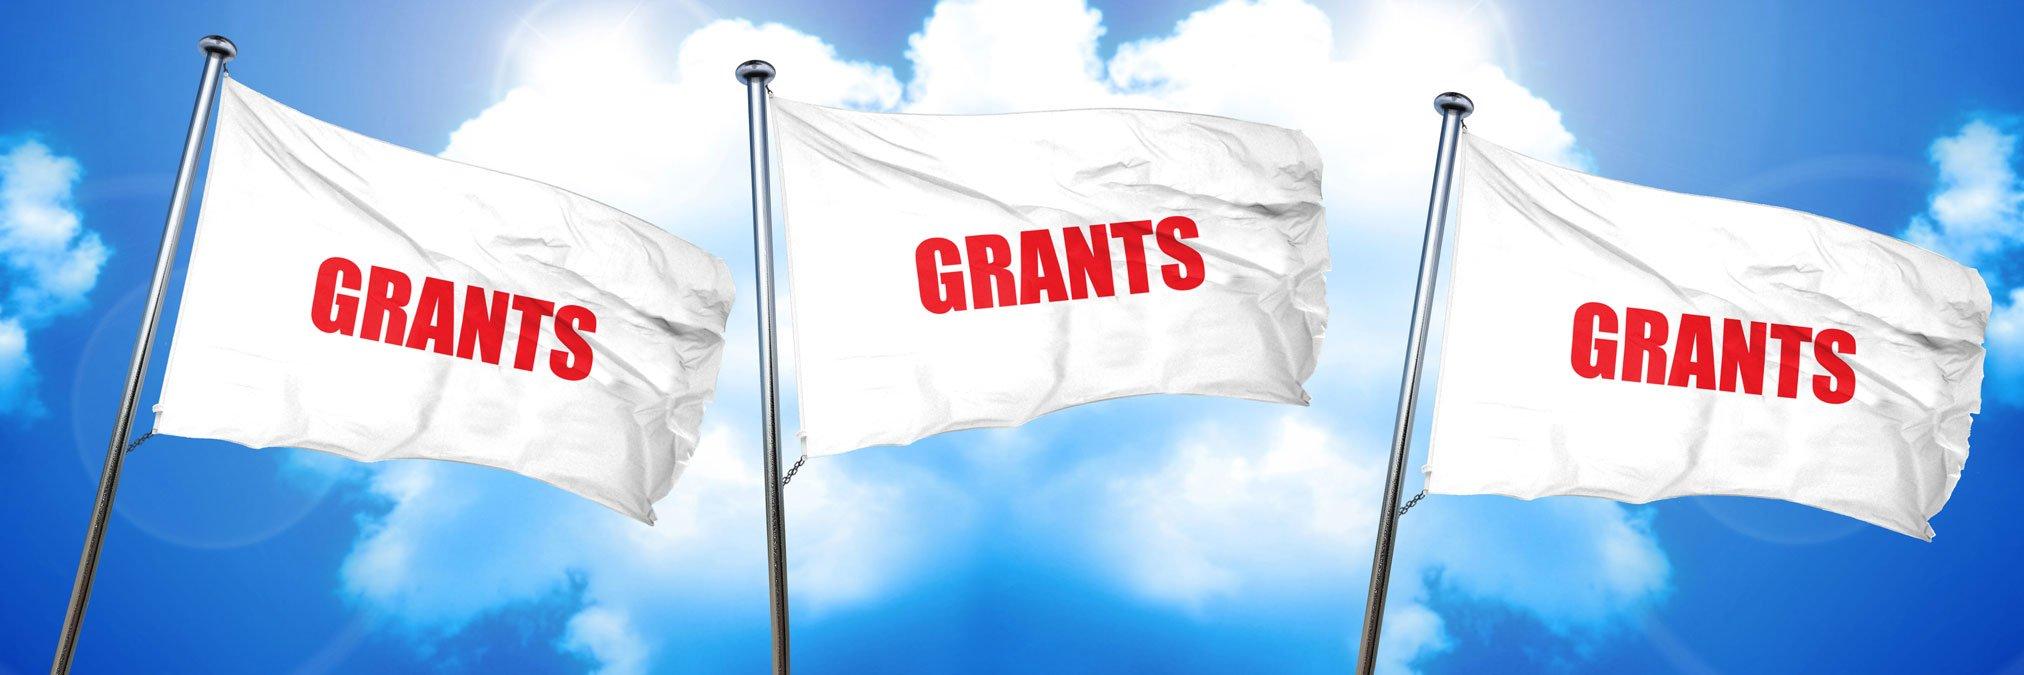 Grants-Summer-2024-0518